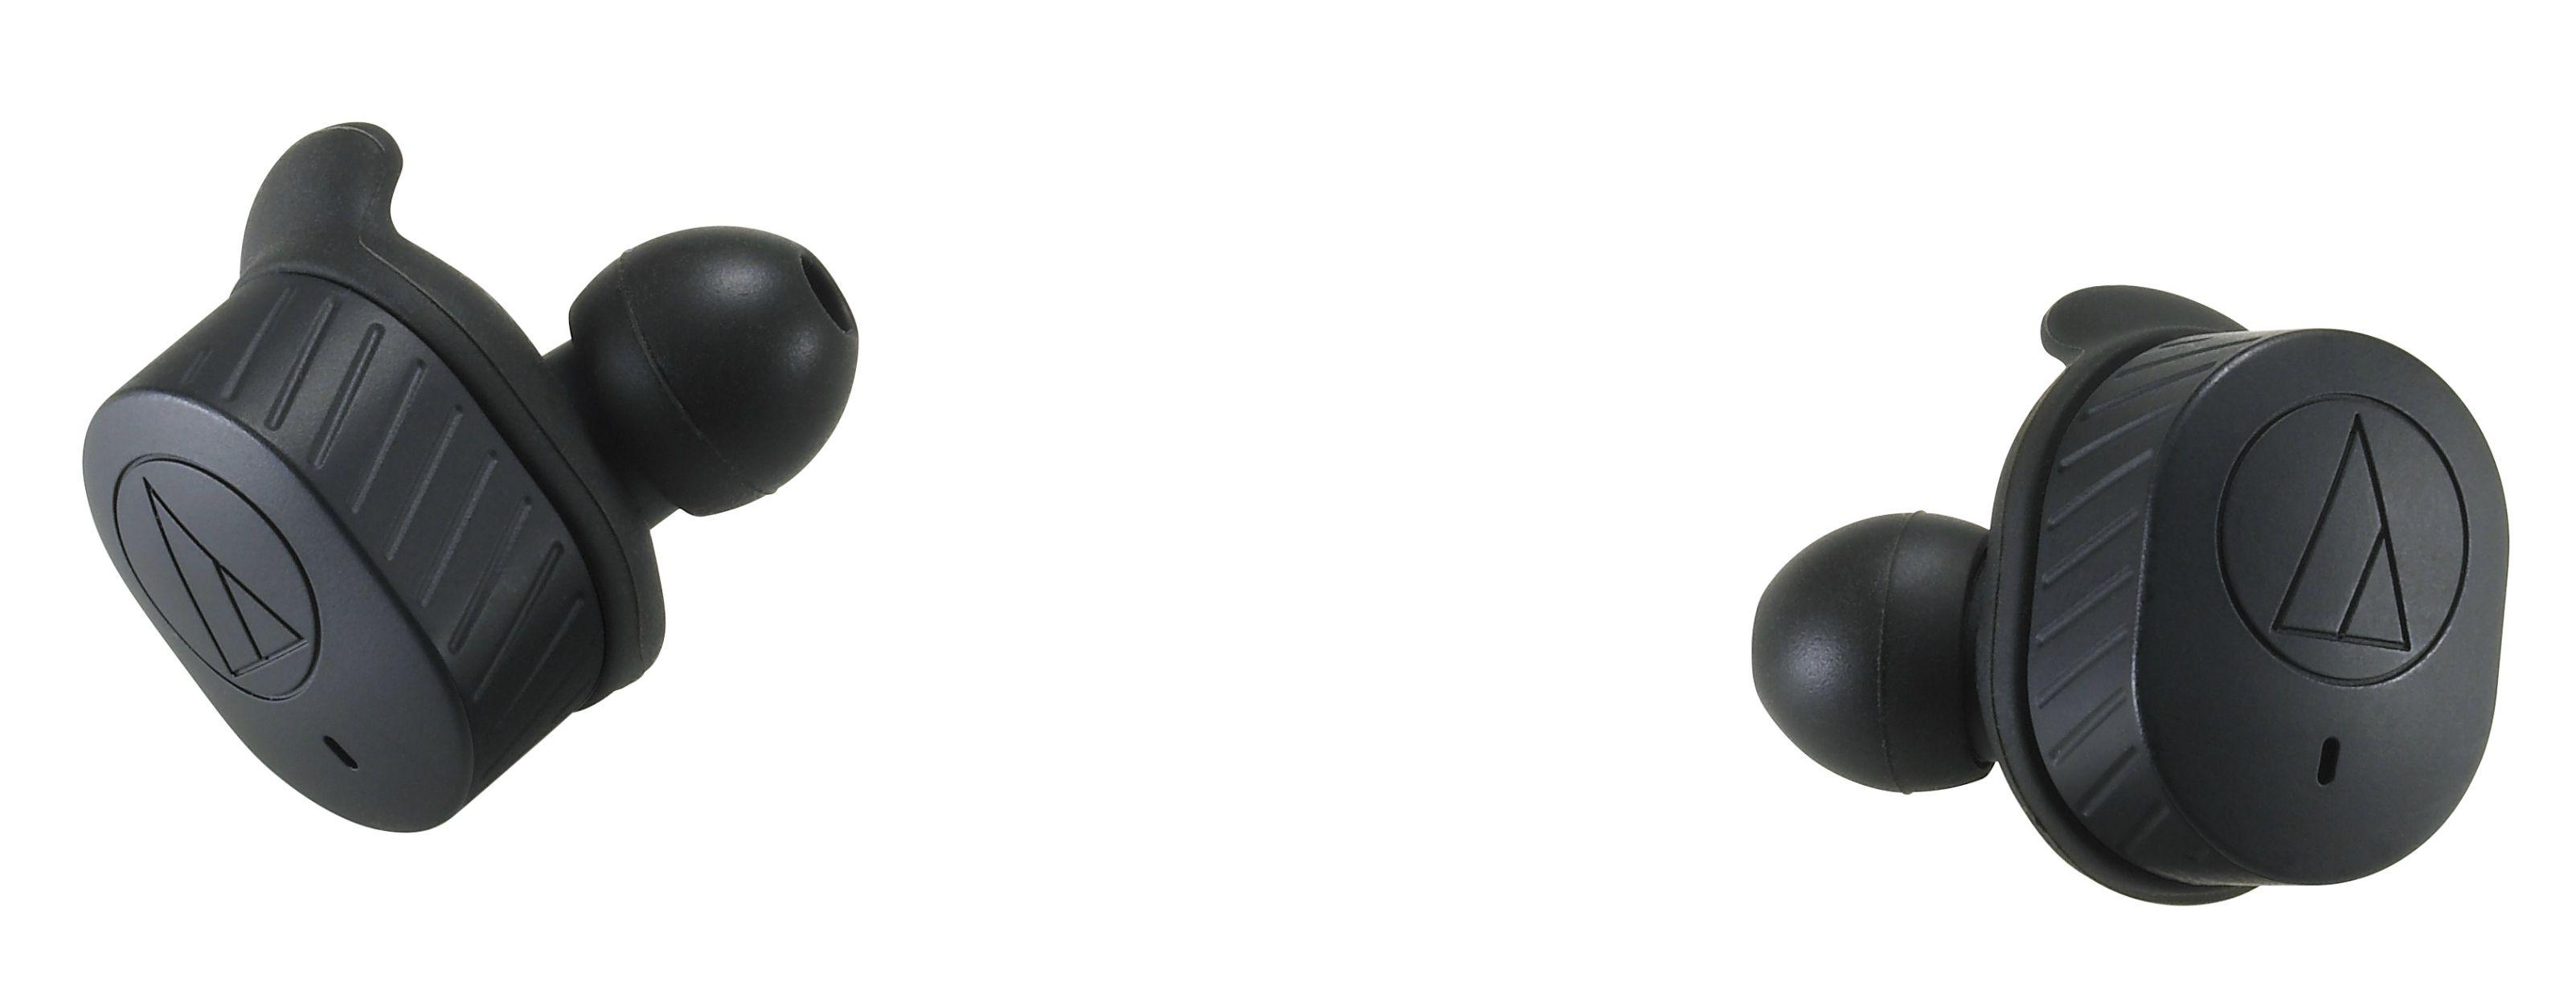 Слушалки с микрофон Audio-Technica - ATH-SPORT7TW, безжични, спортни, черни - 2